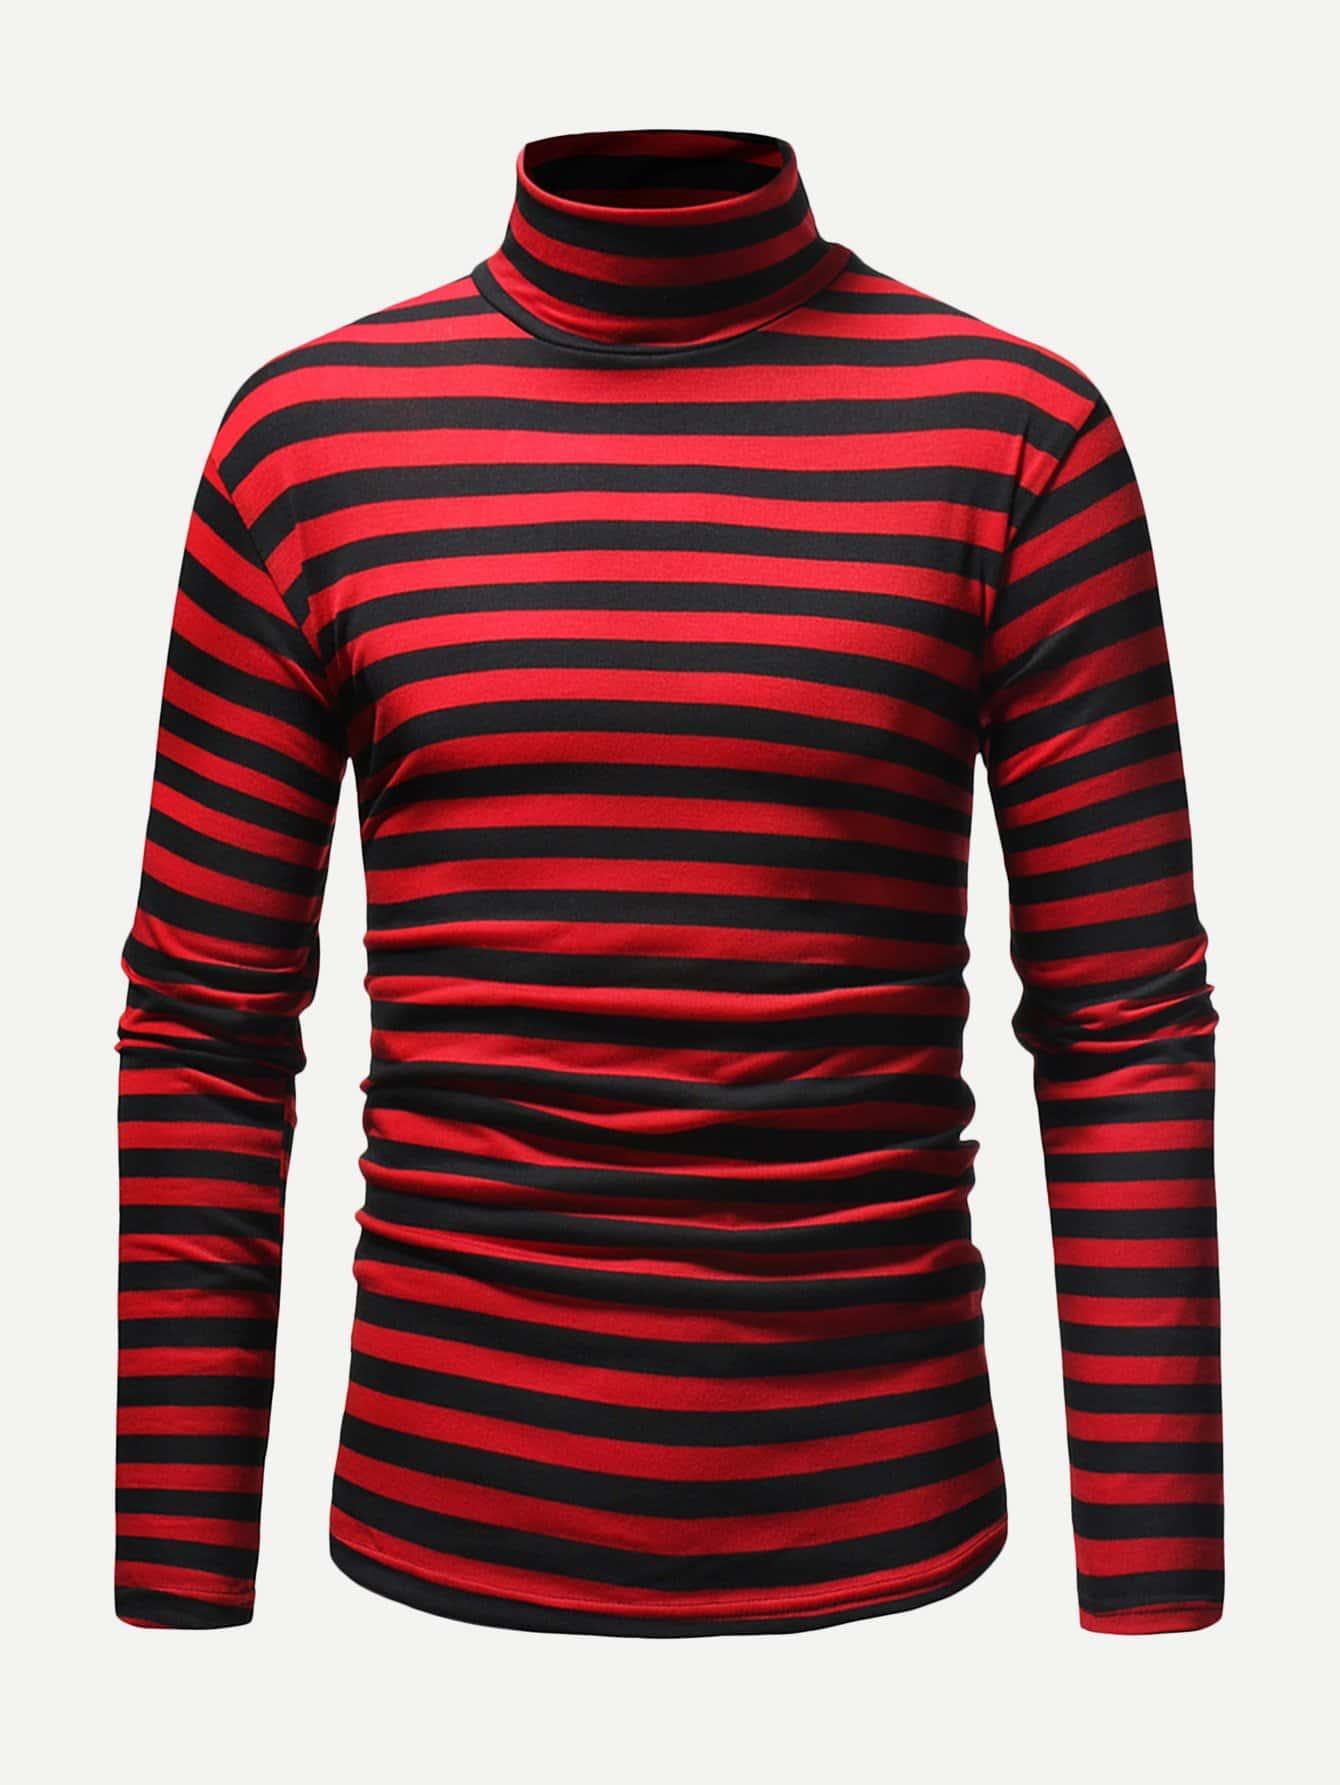 Купить Полосатая футболка с длинными рукавами для мужчины, null, SheIn